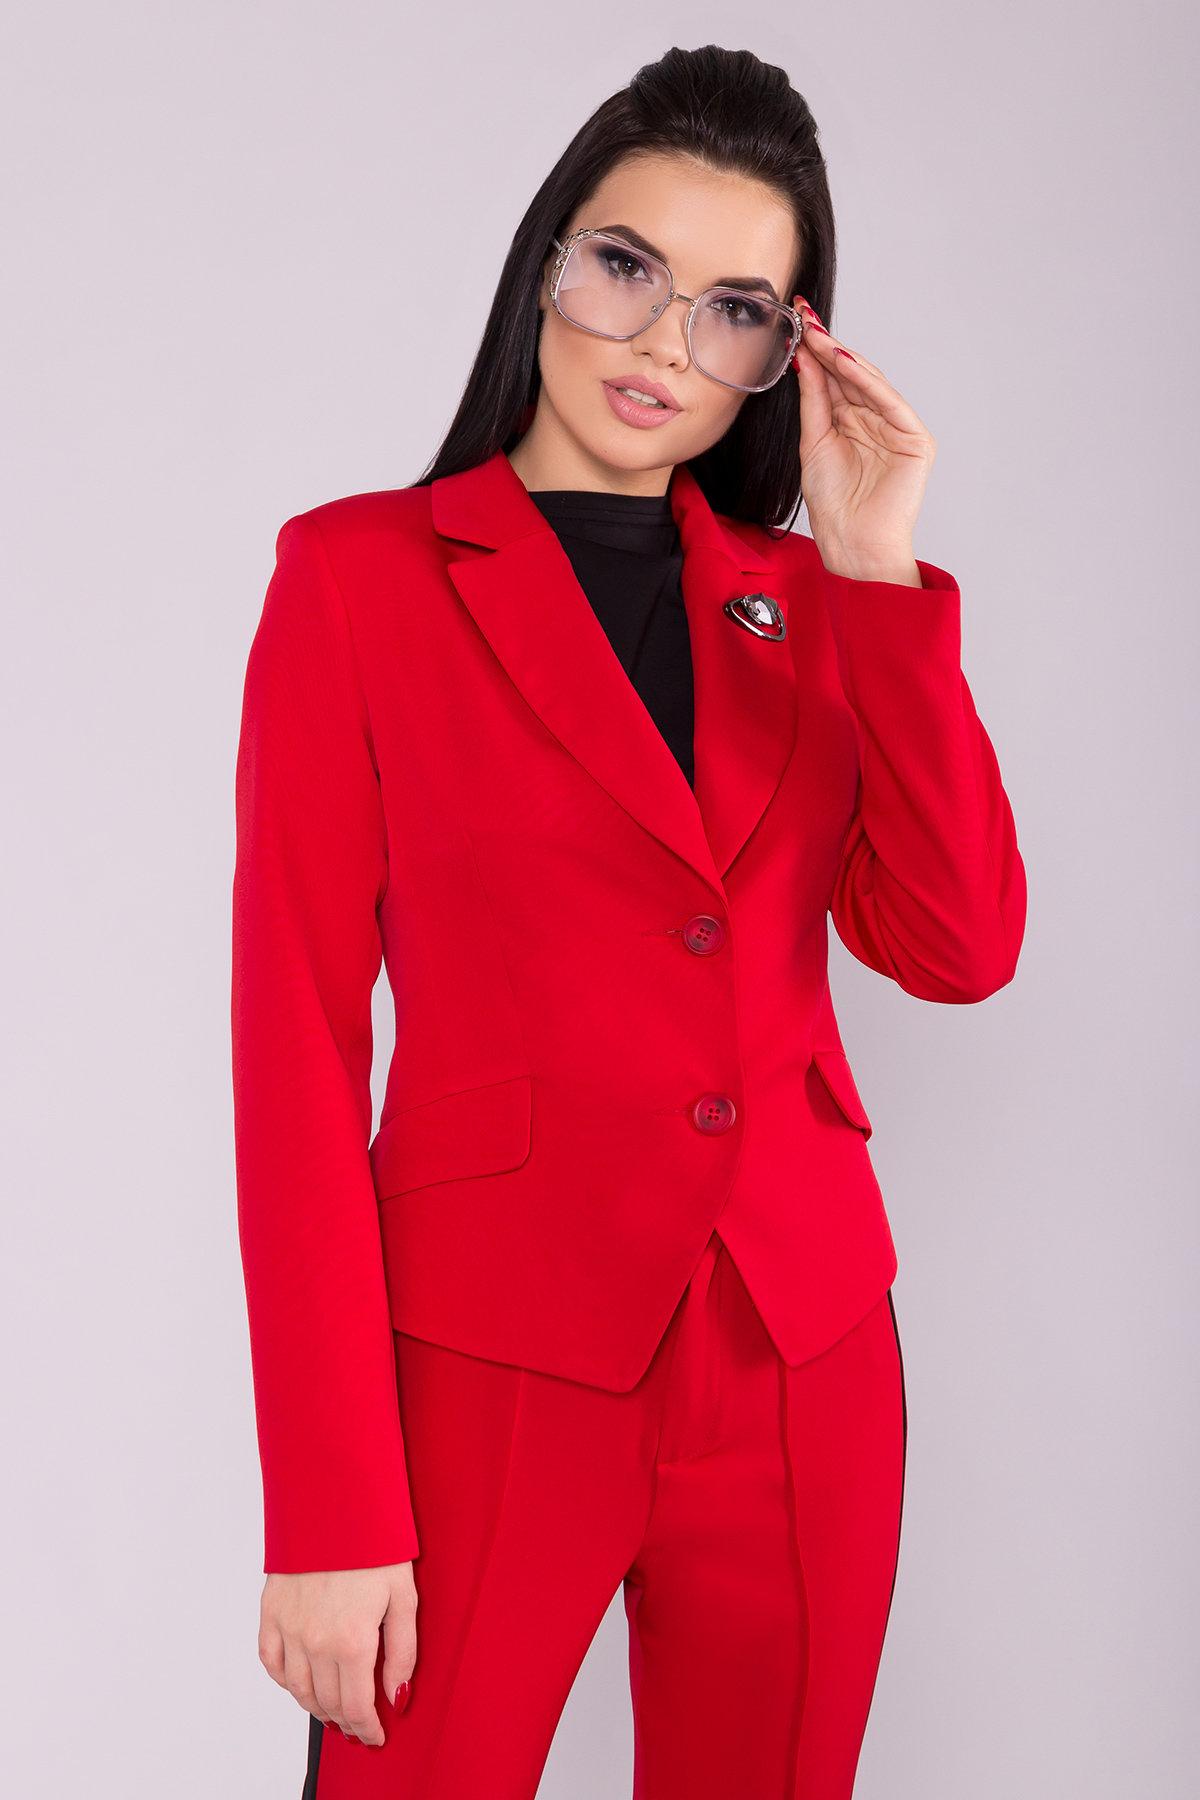 Костюм Локи 6964 Цвет: Красный/черный